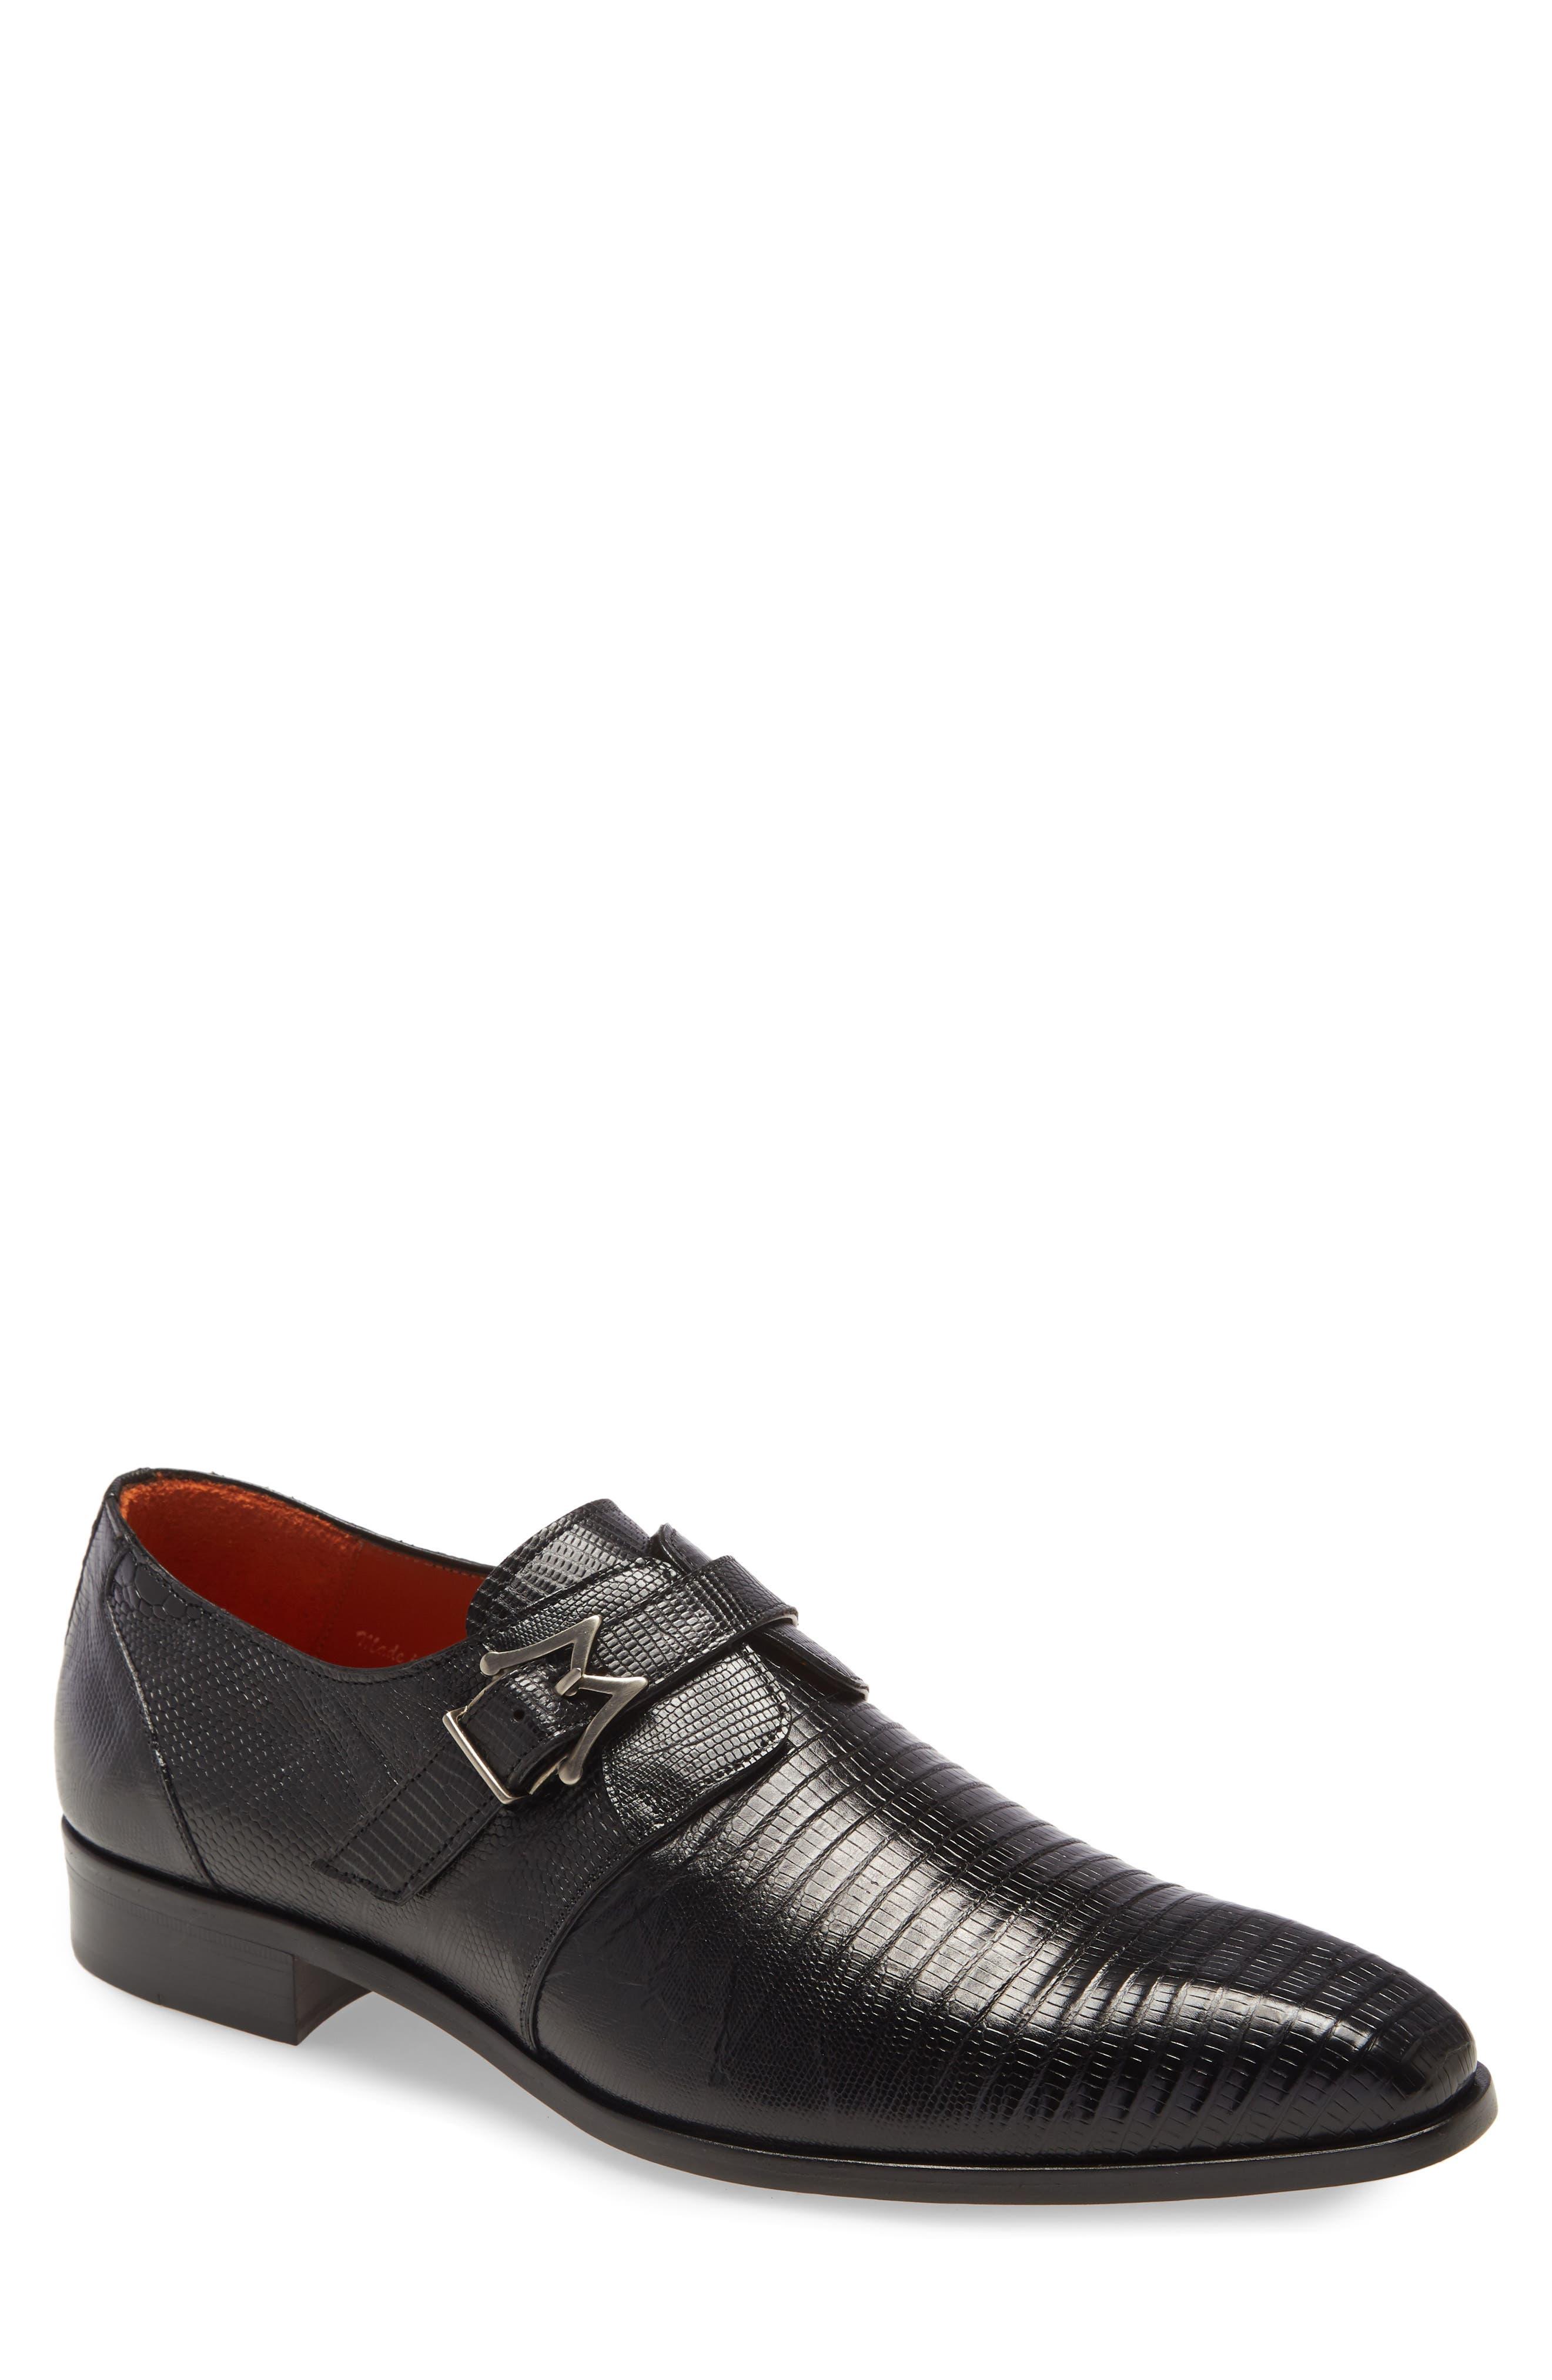 Athens Monk Strap Shoe